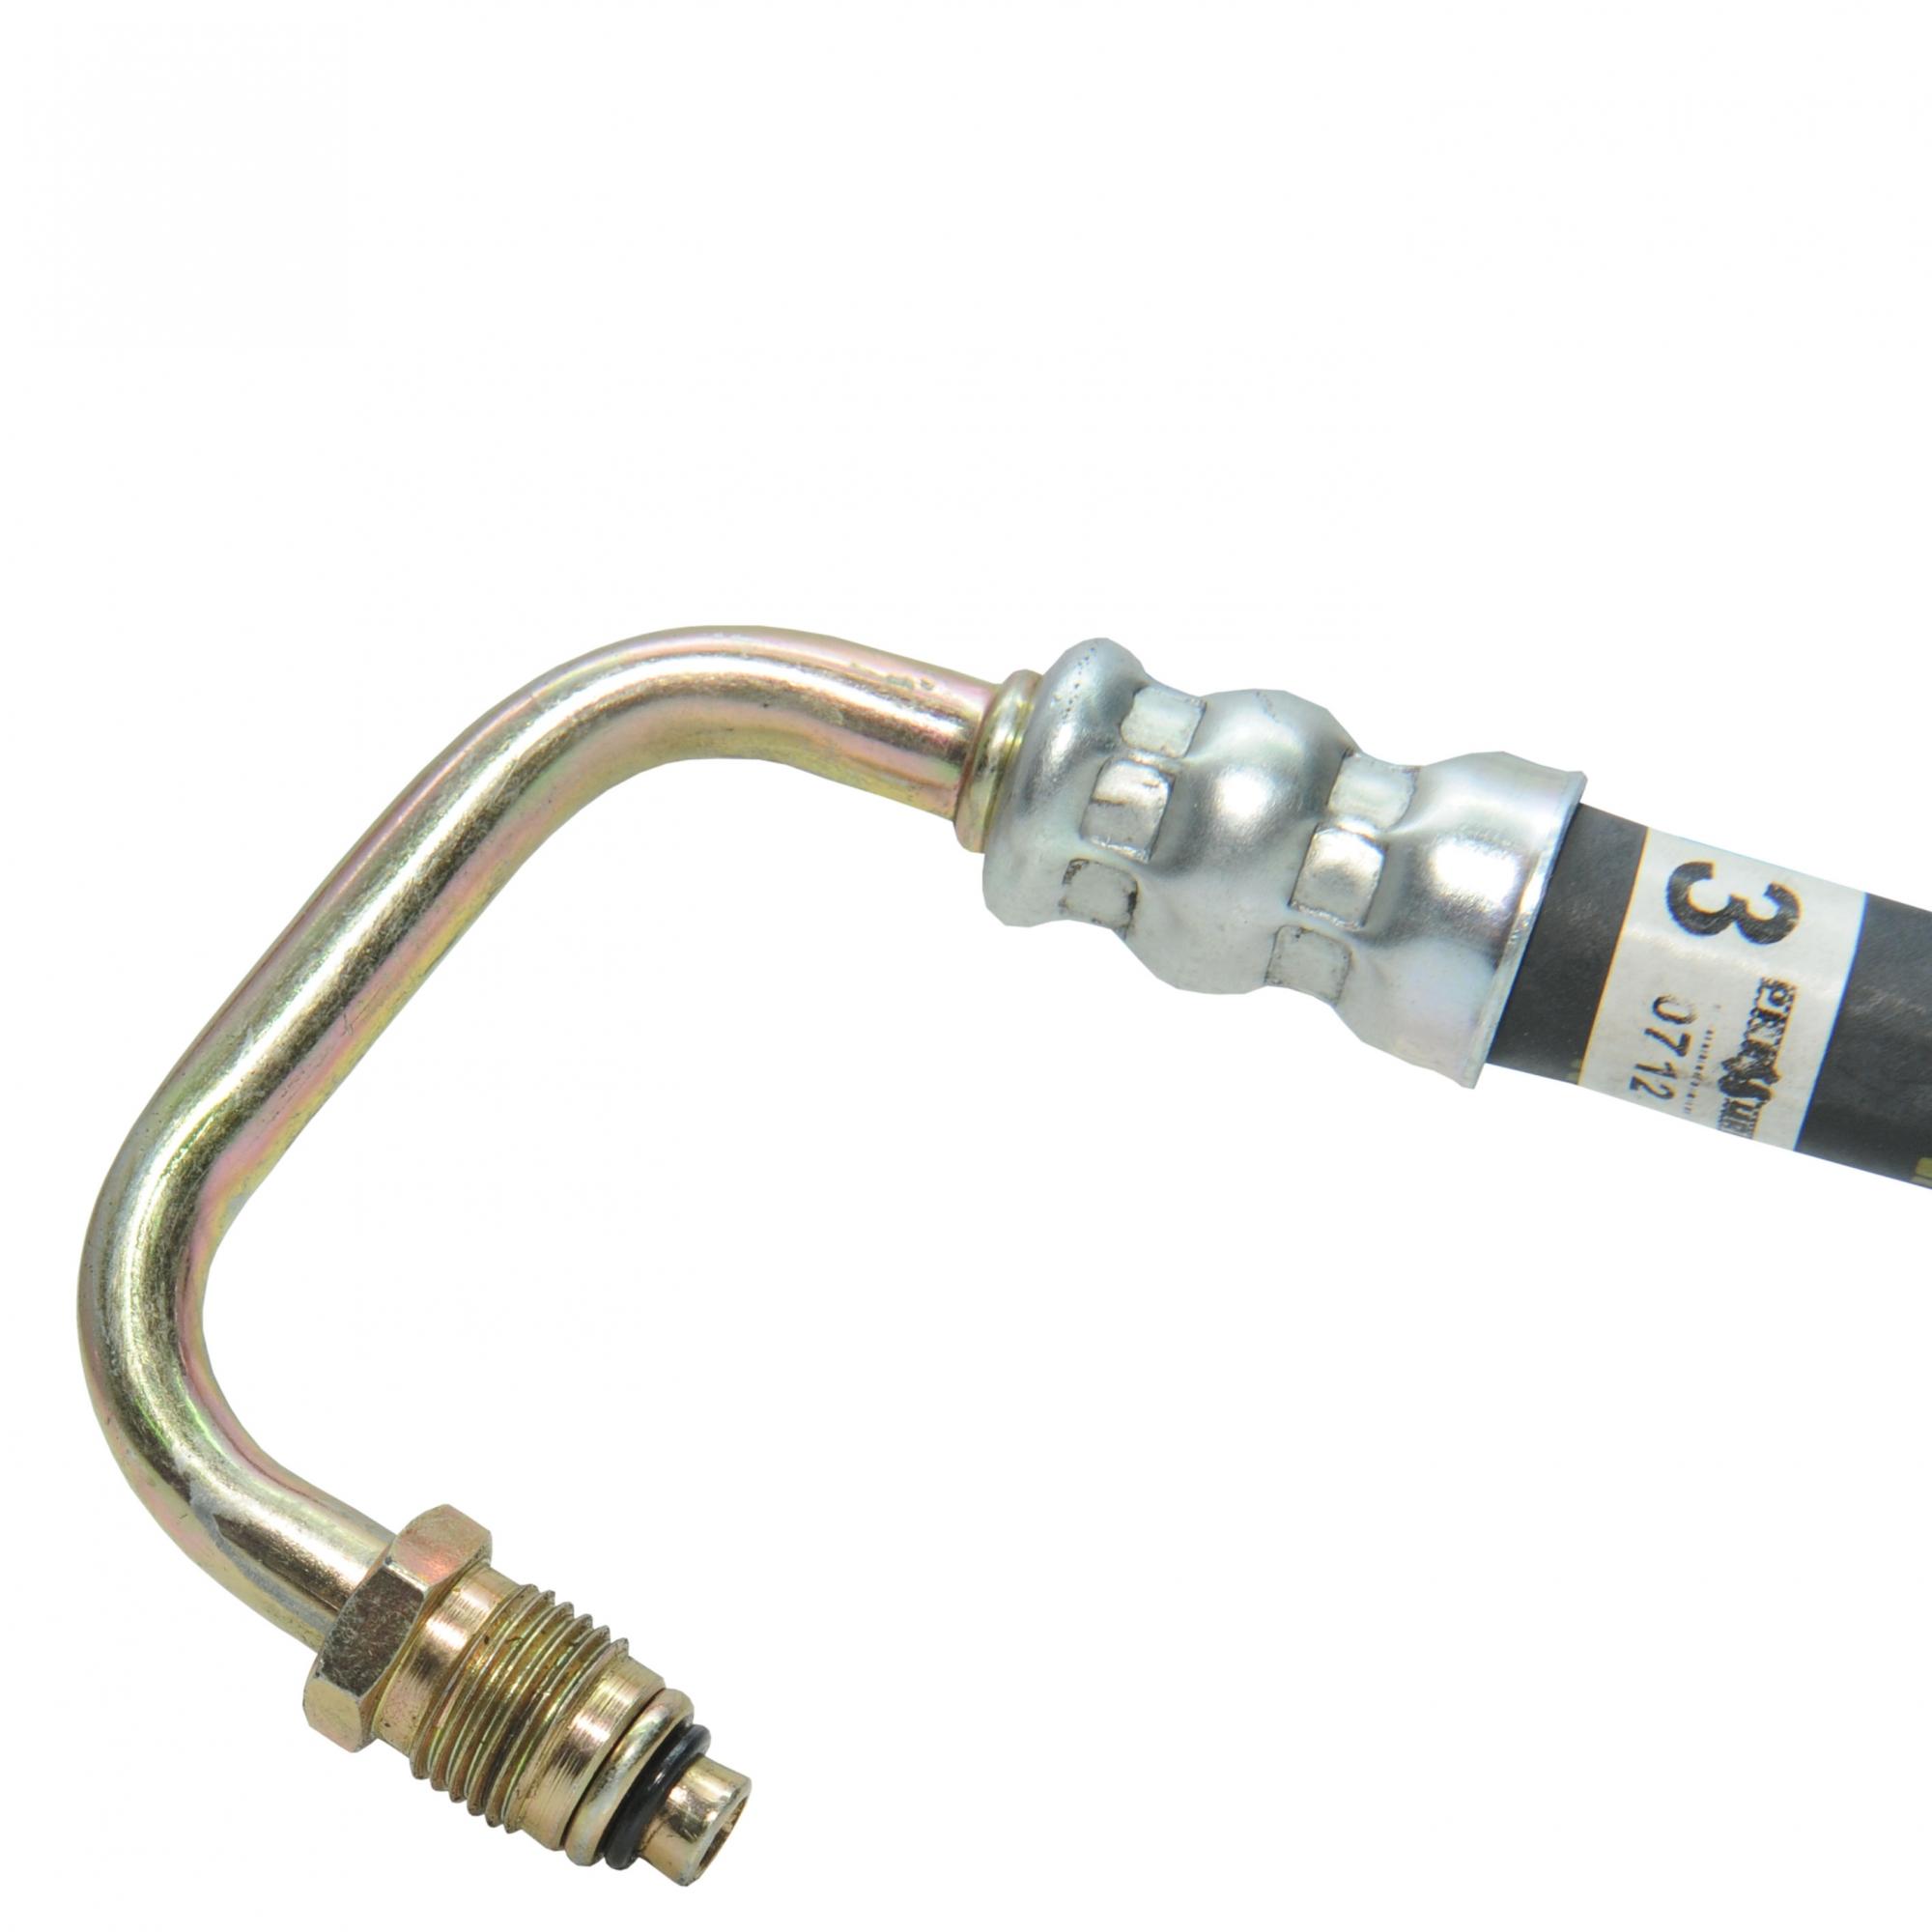 Mangueira Pressão Direção Hidraulica Astra 99...01 C/ bb Eletro-Hidraulica